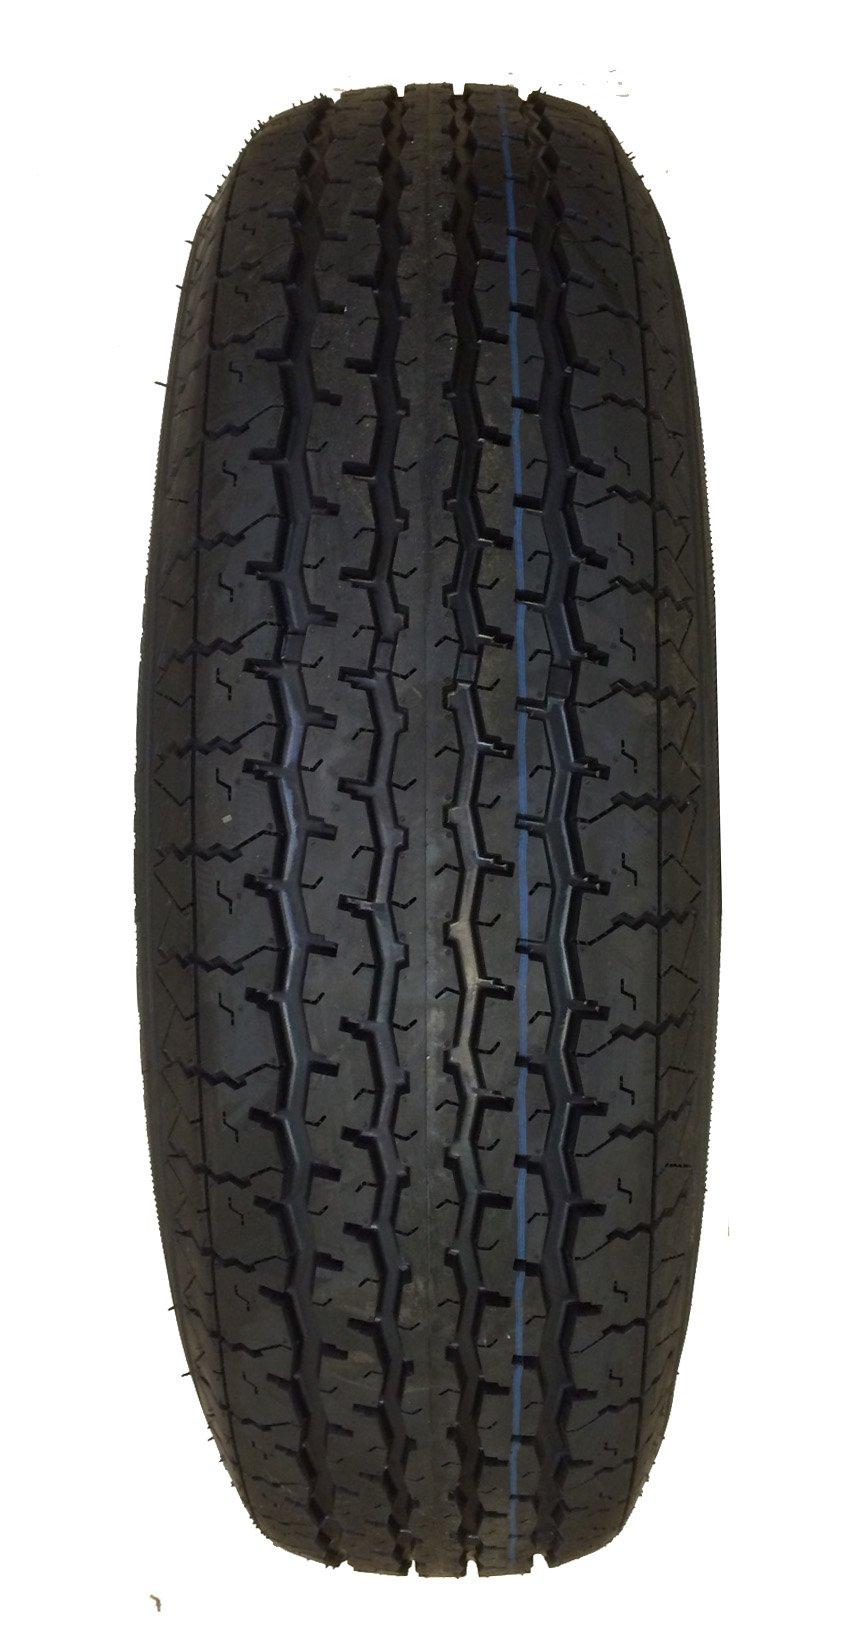 Set of 2 New Trailer Tires ST 205/75R15 8PR Load Range D